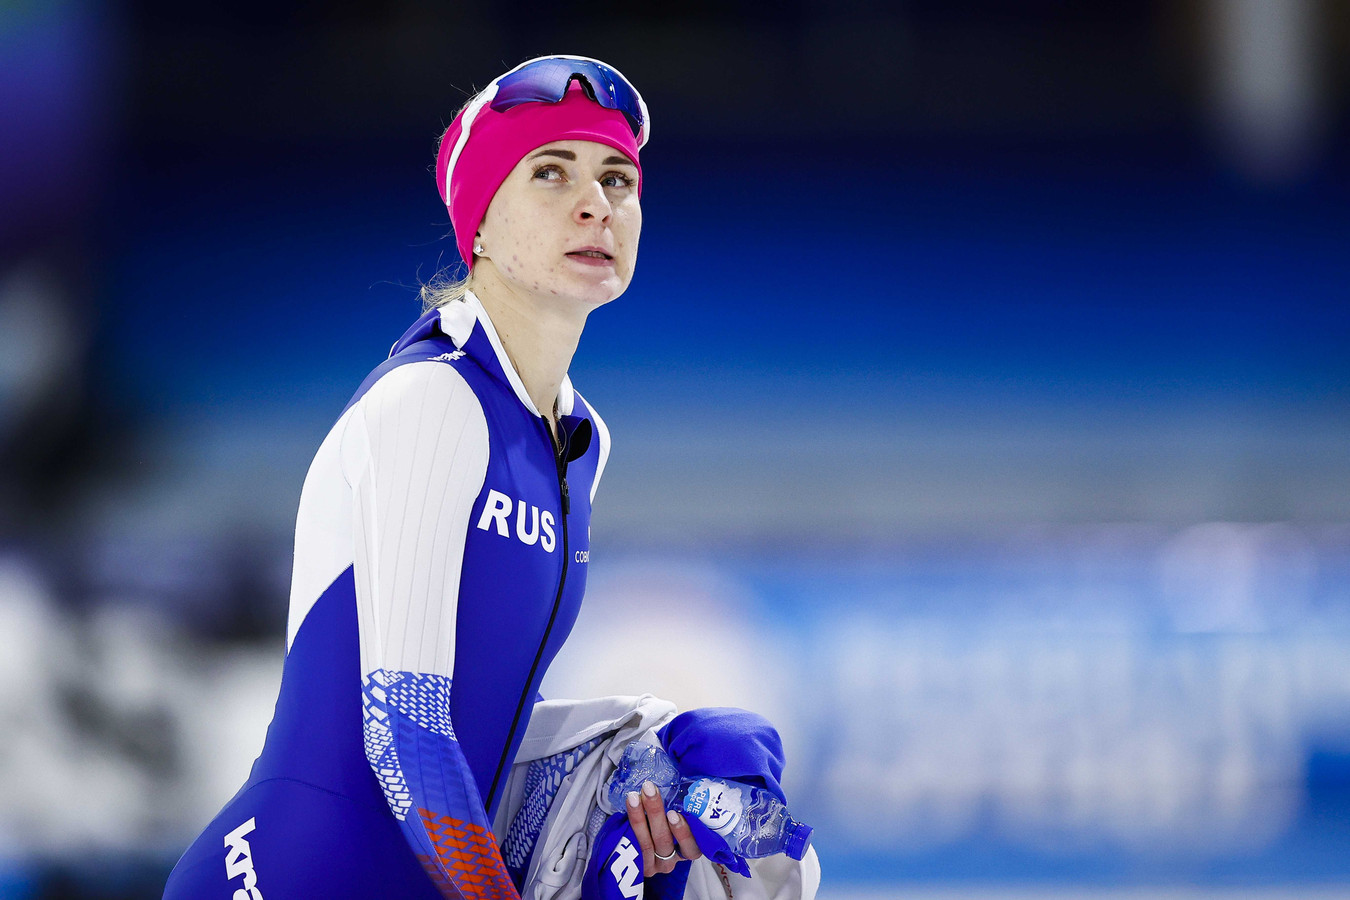 Anderhalve week geleden scherpte Natalia Voronina het baanrecord aan op de 3000 meter.